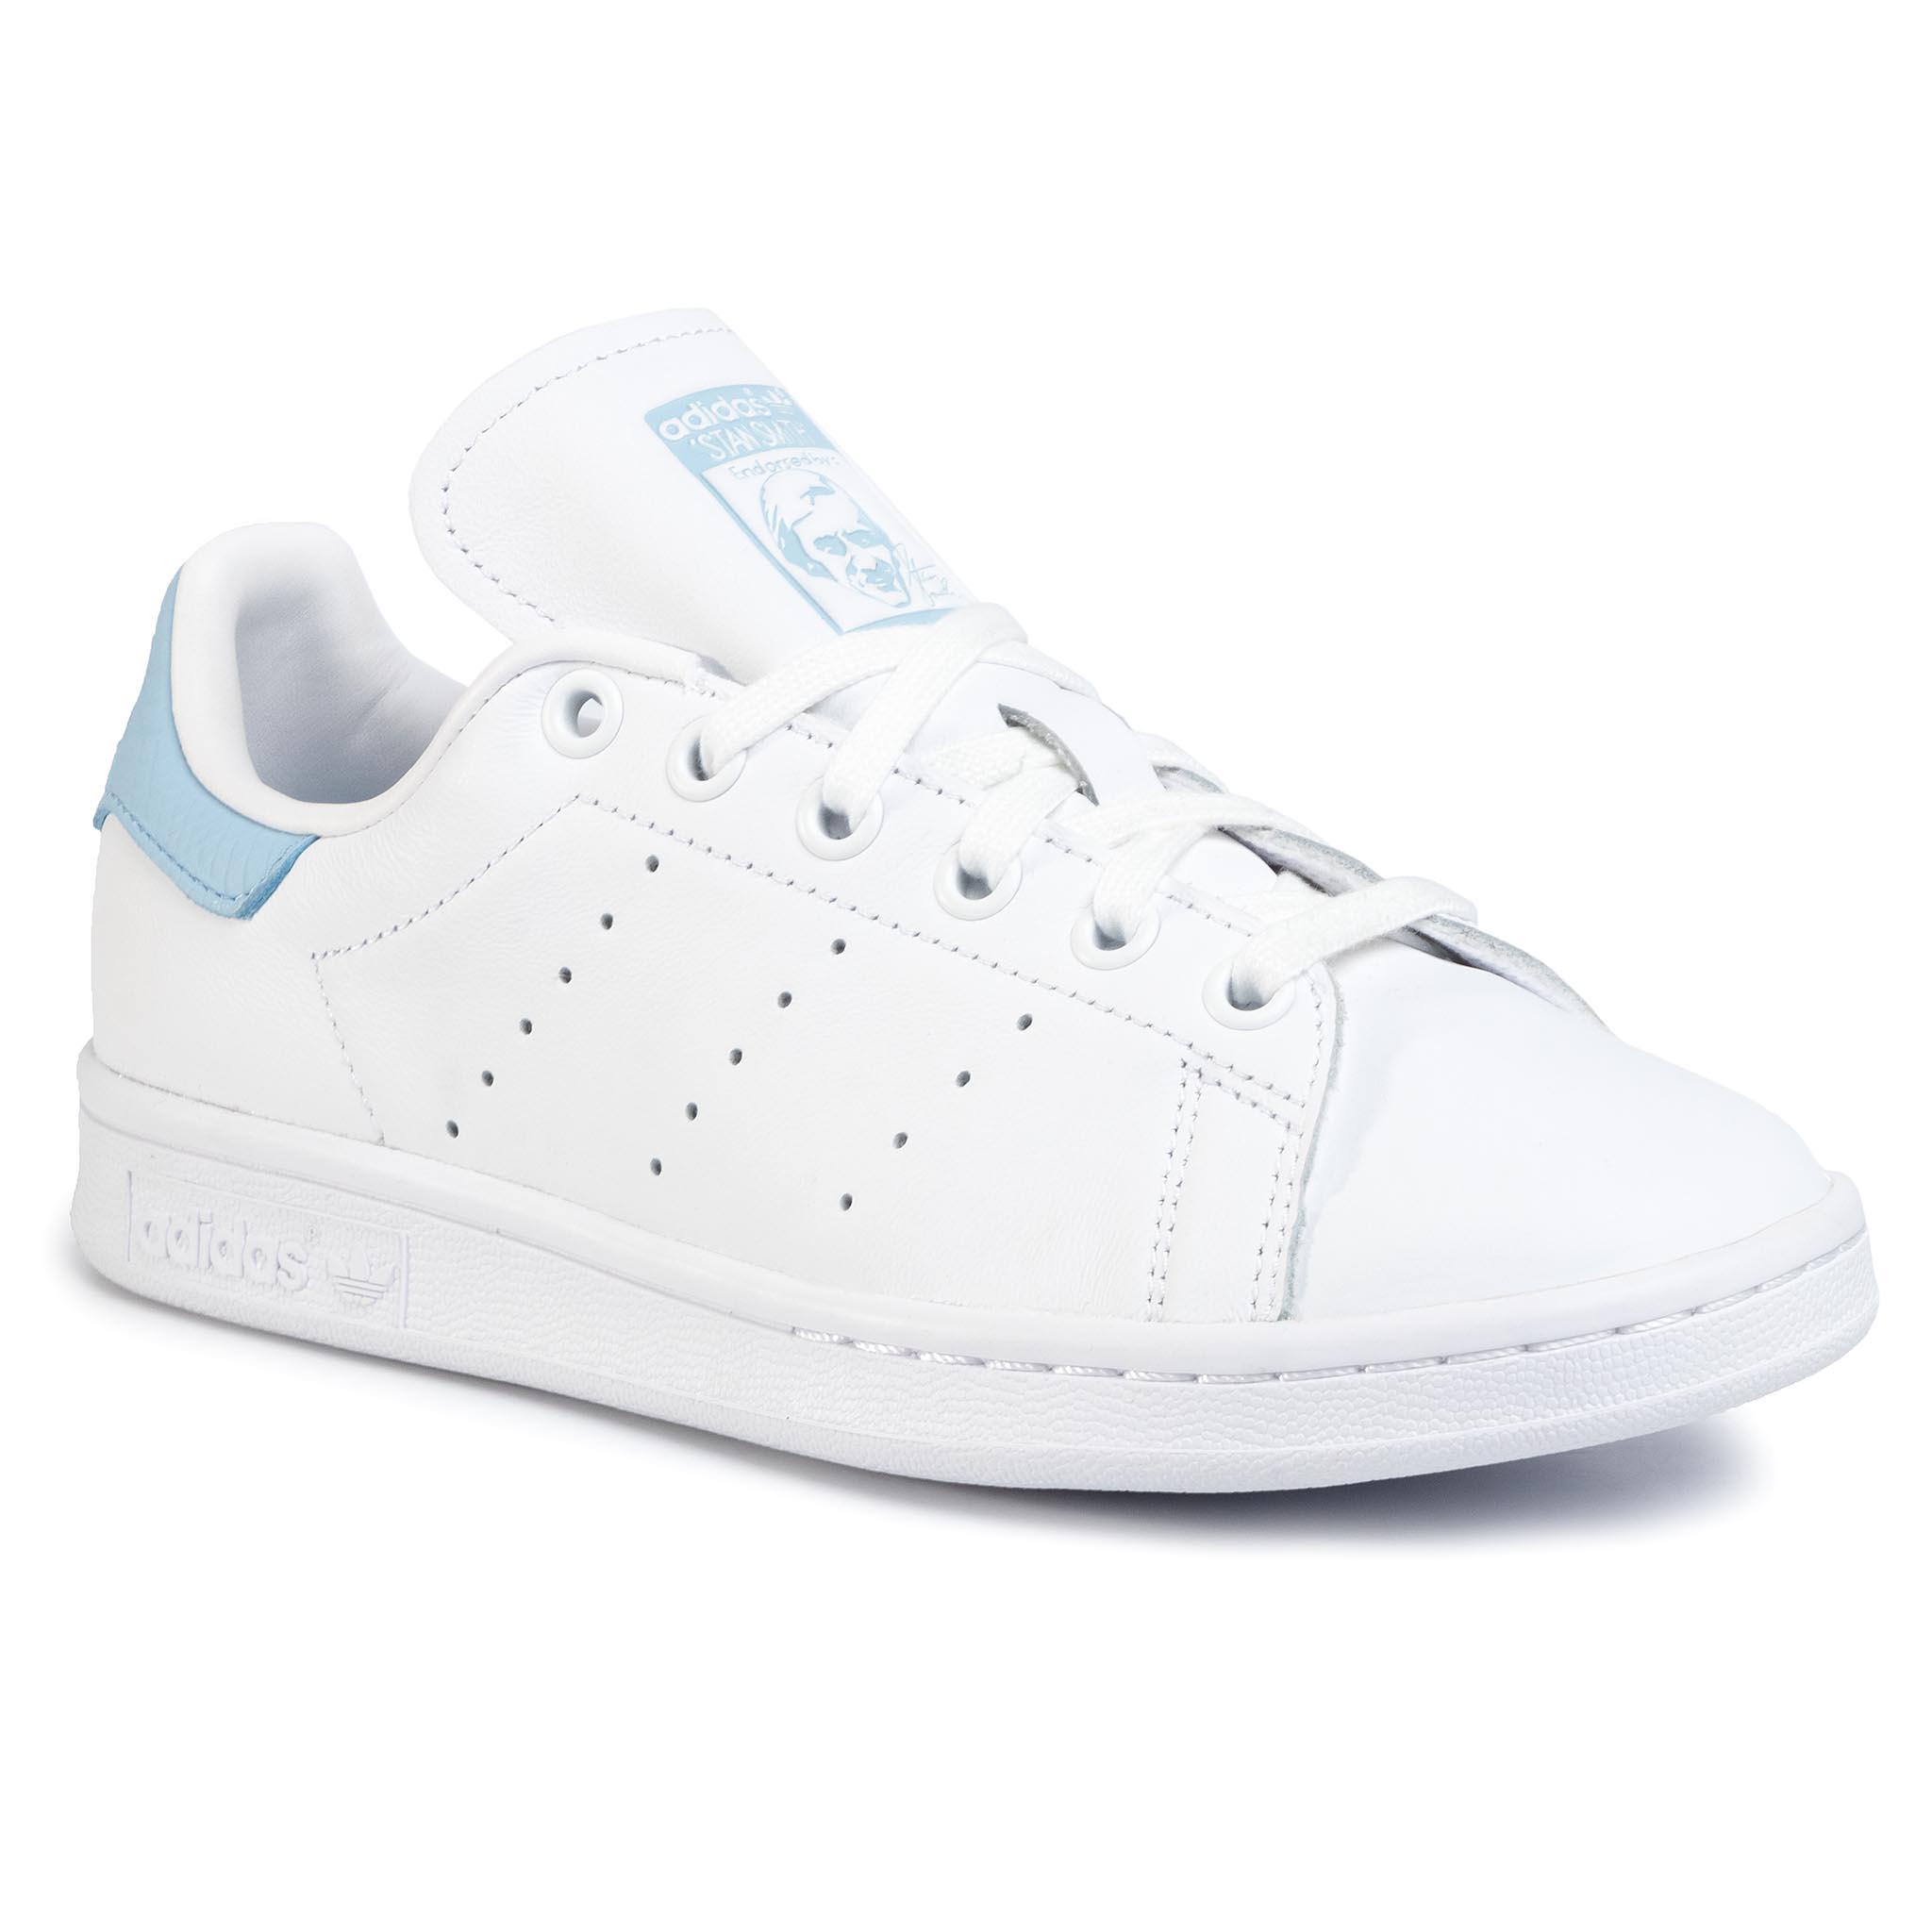 Cipő adidas Stan Smith W EF6877 FtwwhtFtwwhtClesky